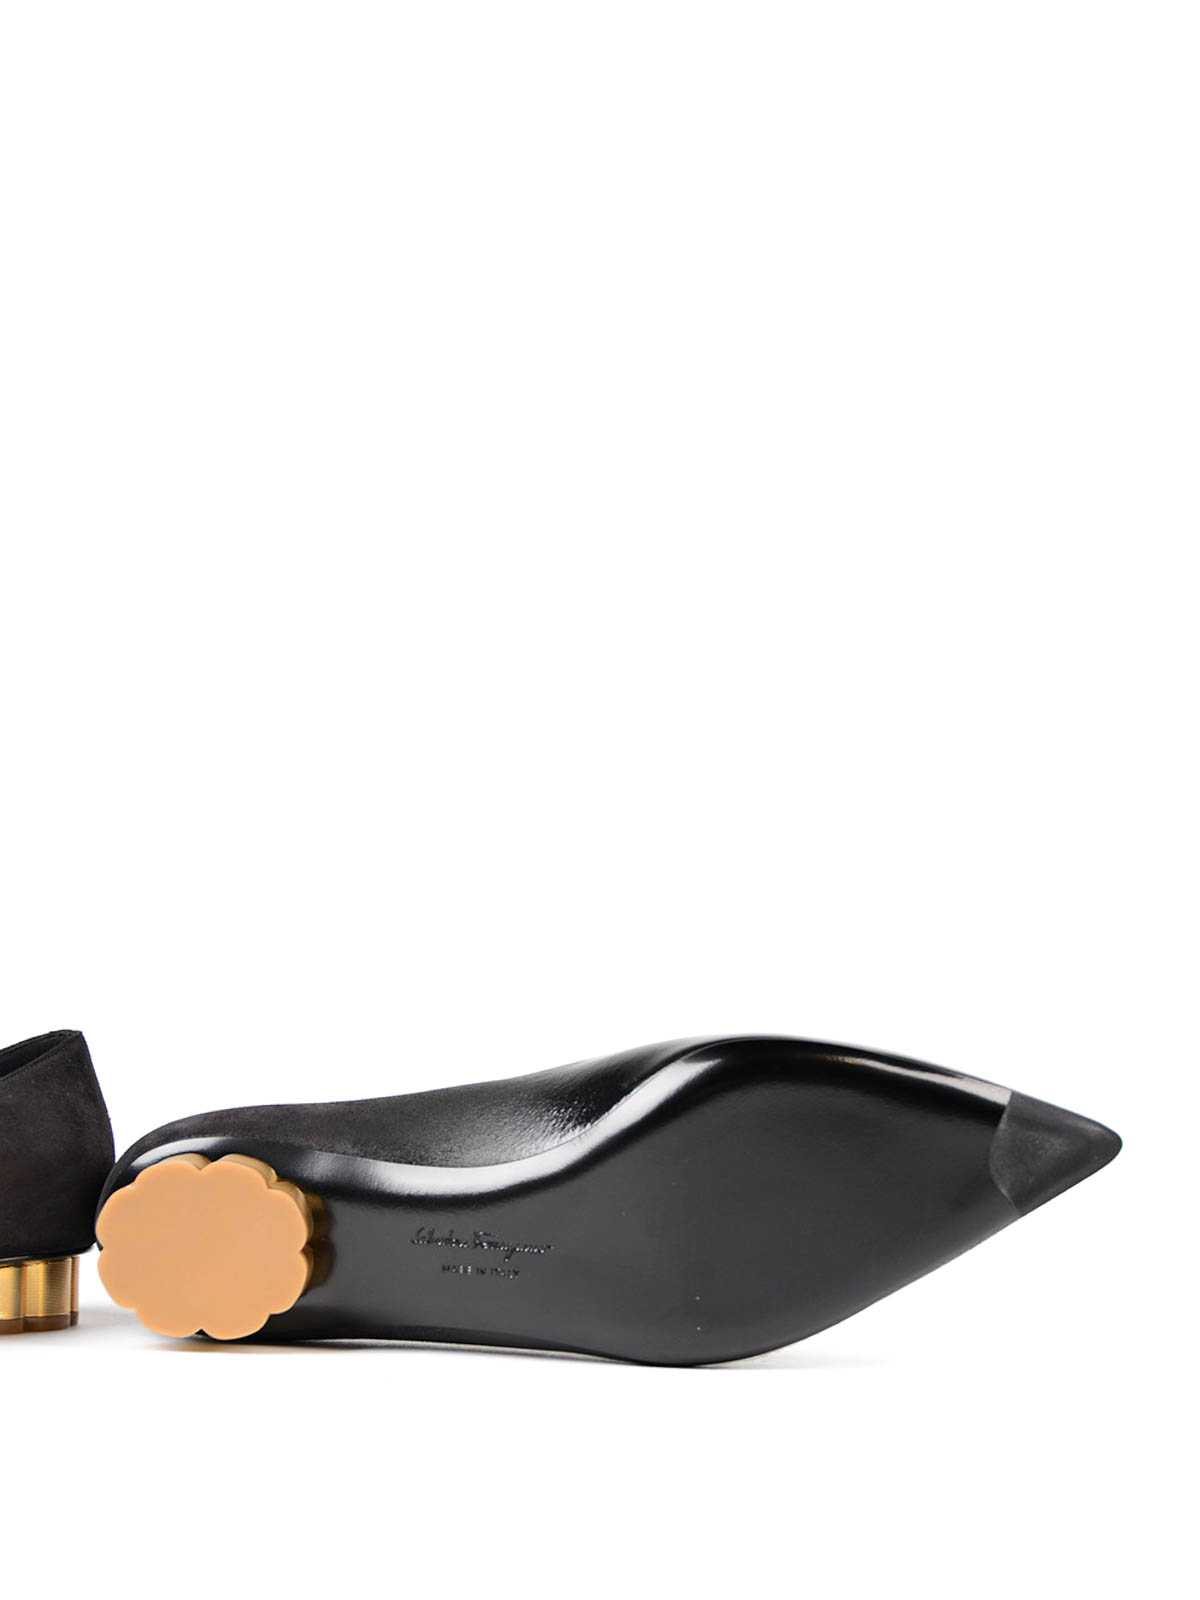 2f91af6c9 SALVATORE FERRAGAMO buy online Bari flower heel flats. SALVATORE FERRAGAMO: flat  shoes ...